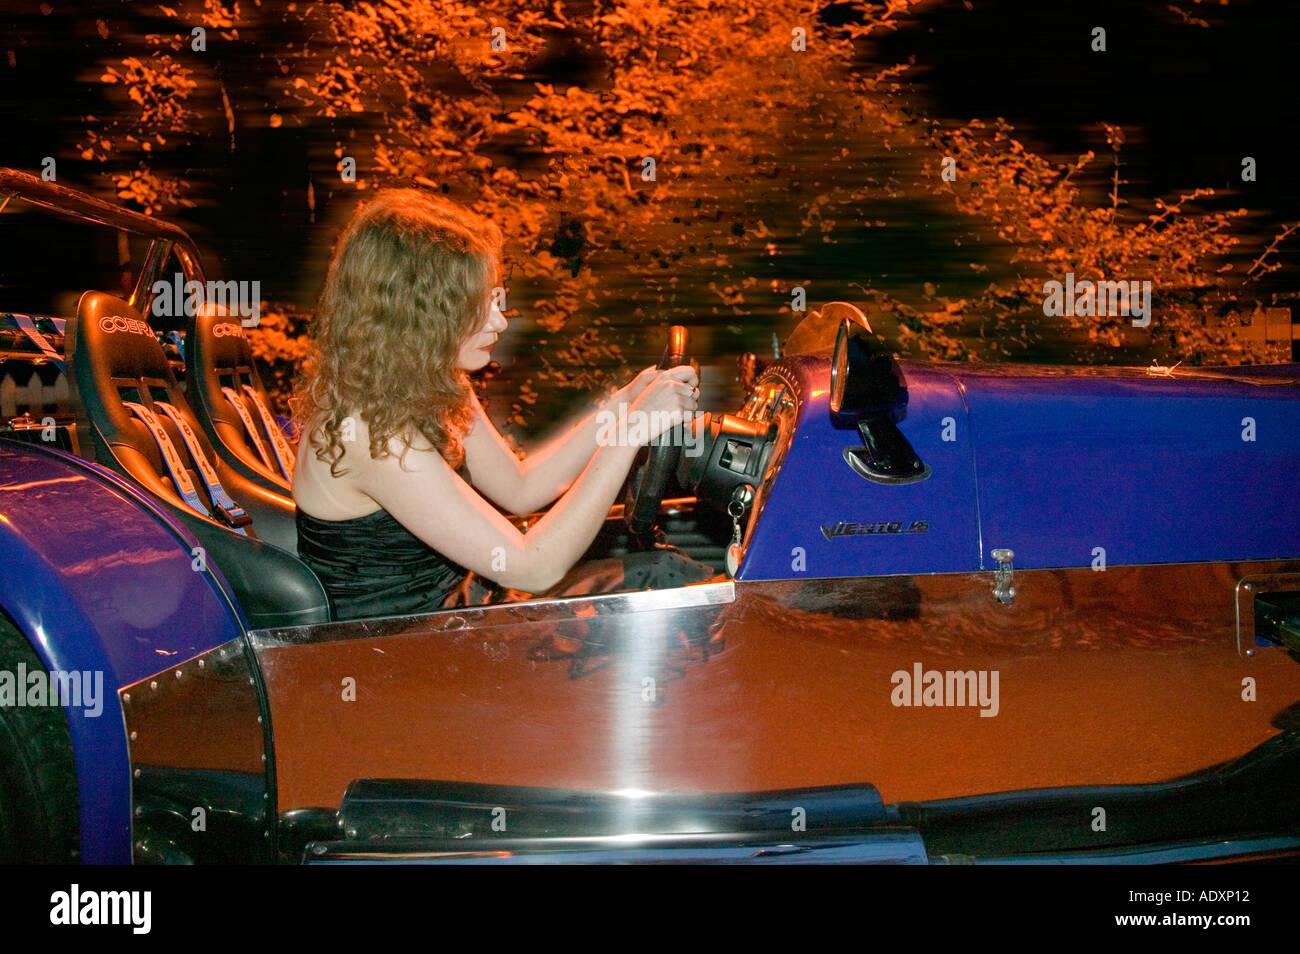 Sportscar wurde angetrieben von jungen Mädchen in der Nacht. Stockbild